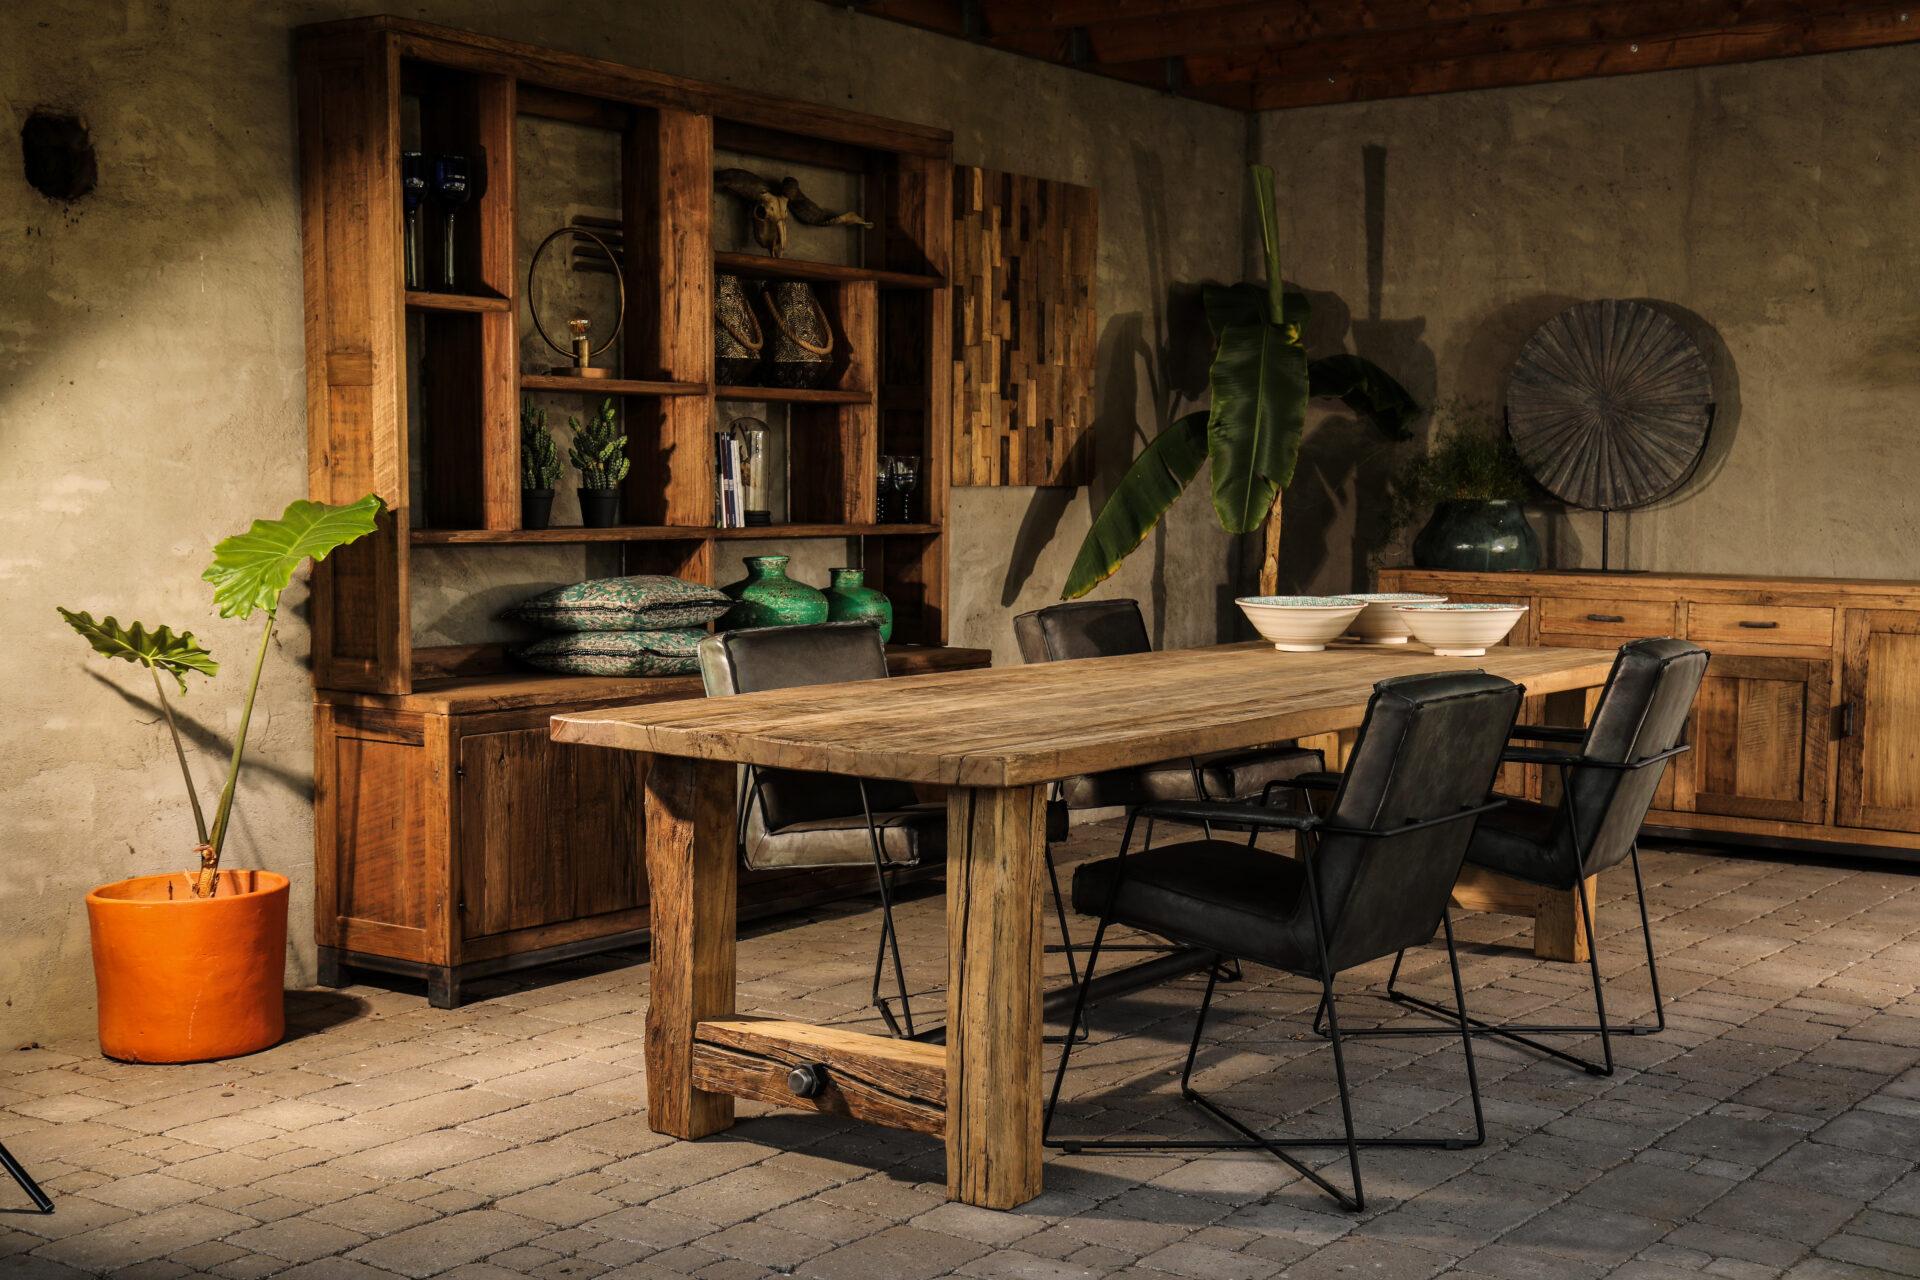 tafels van oud hout